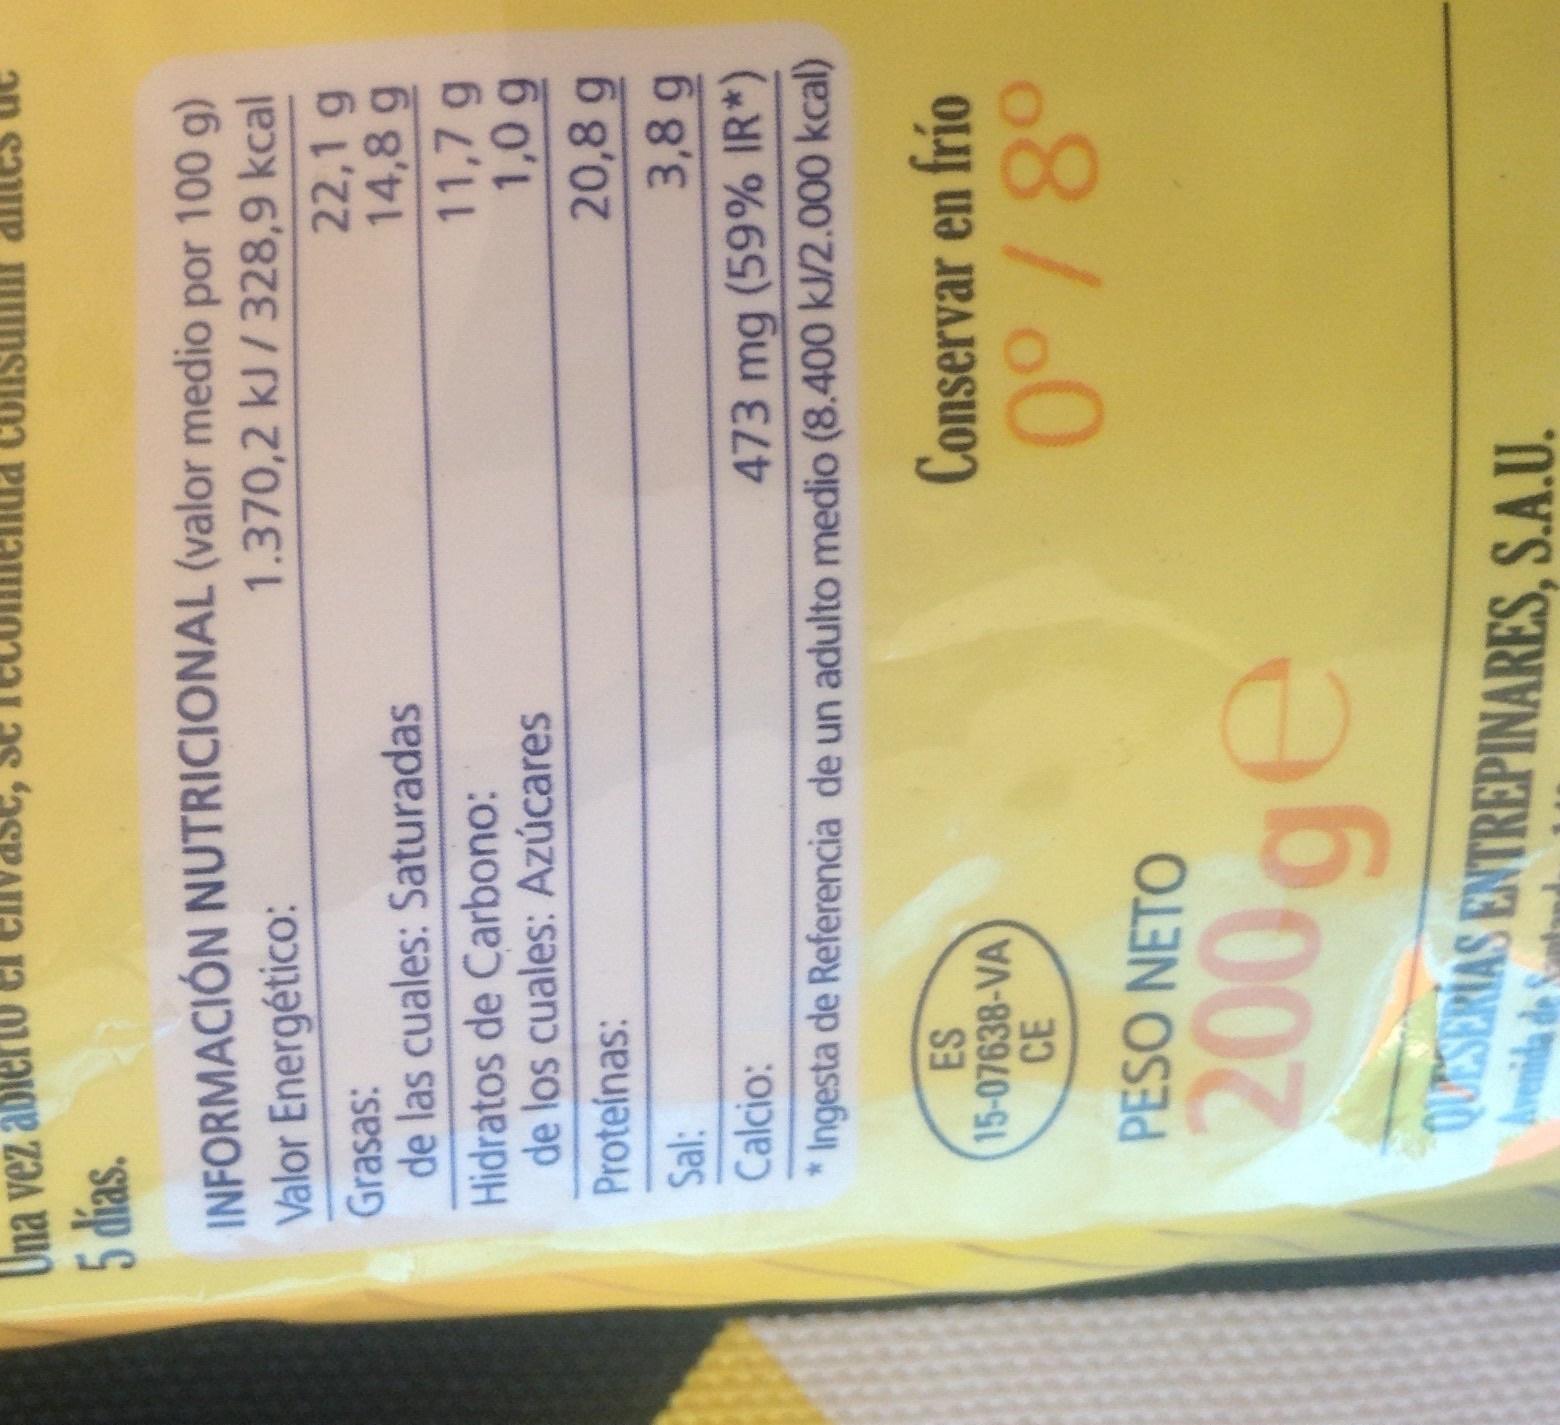 Queso rallado - Informations nutritionnelles